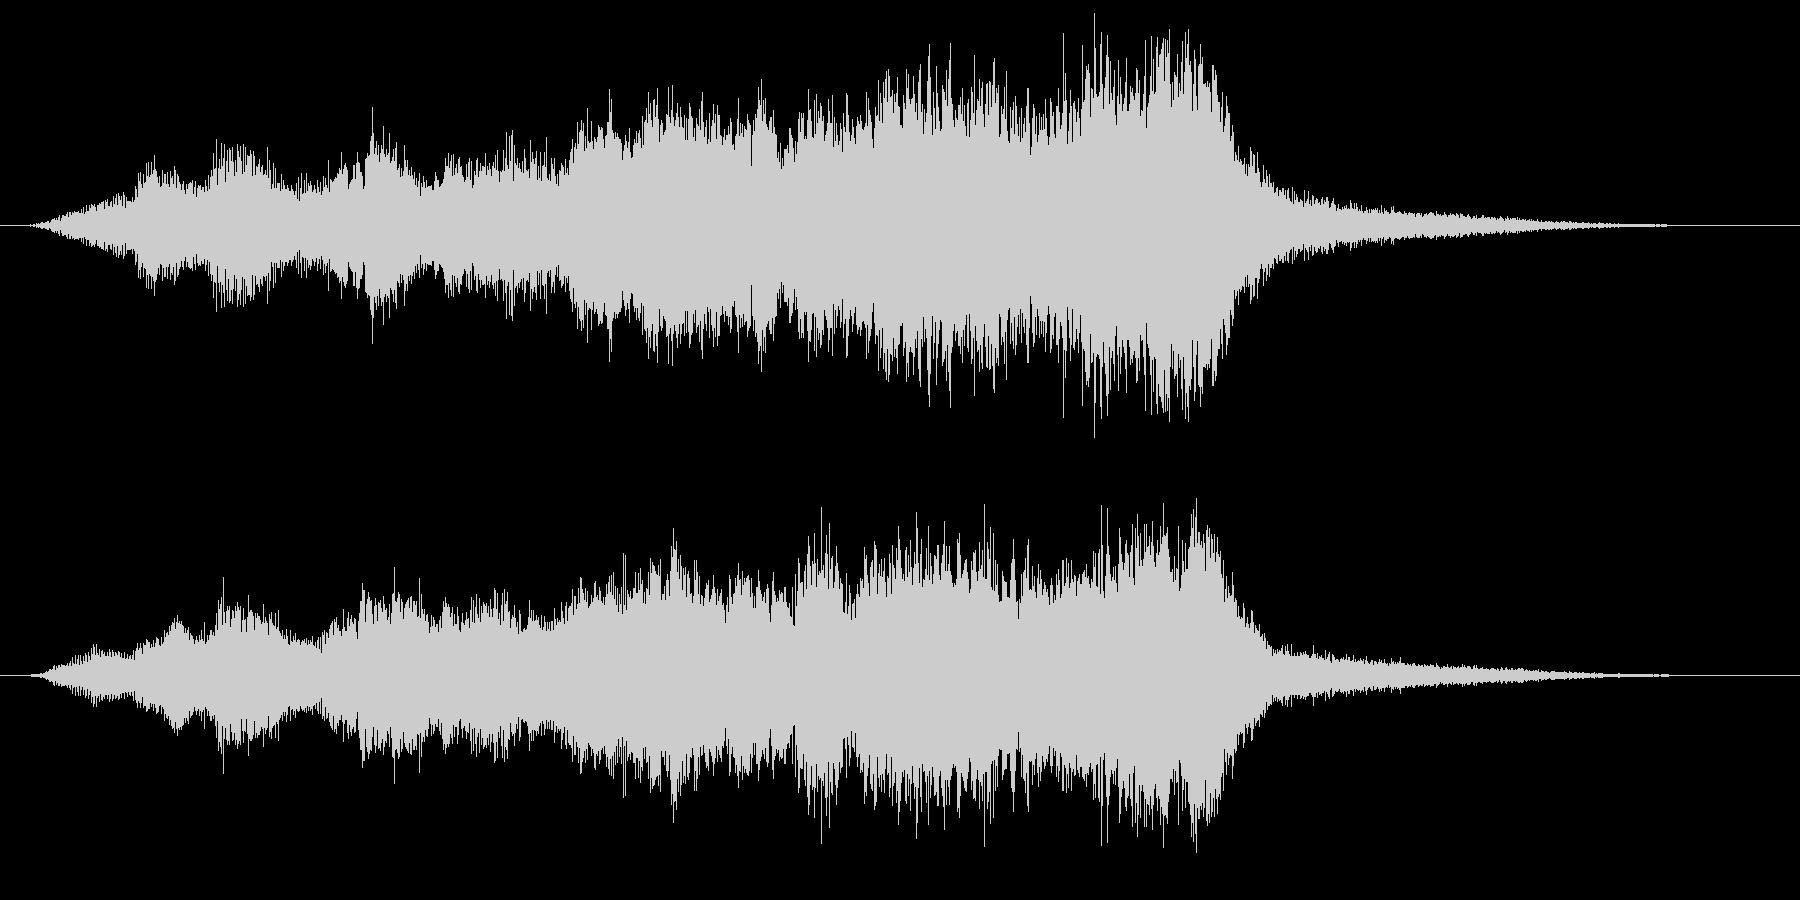 ストリングスとハープの癒しのサウンドロゴの未再生の波形